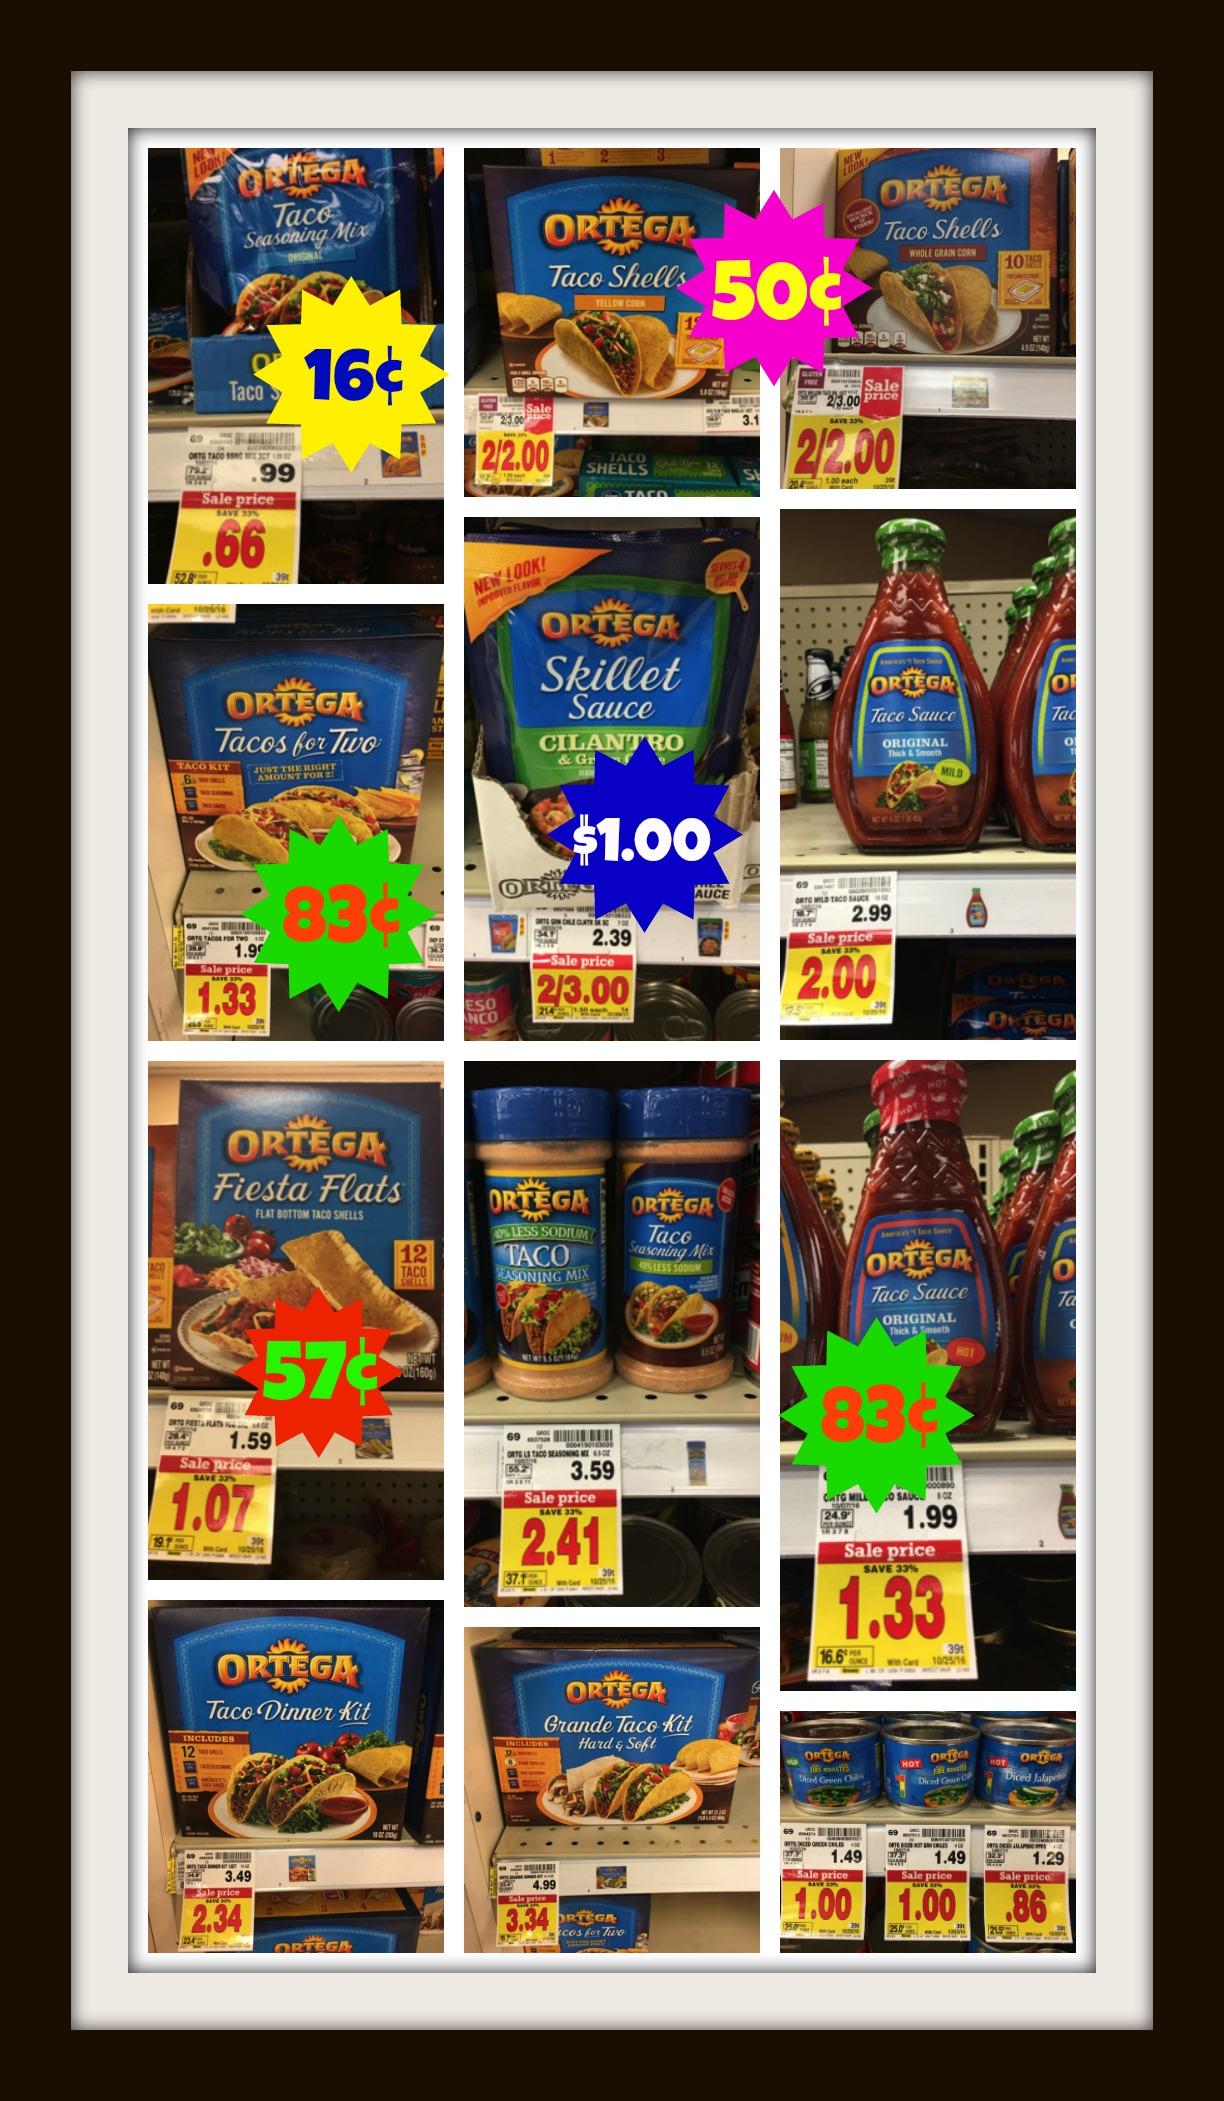 ortega-deals-image